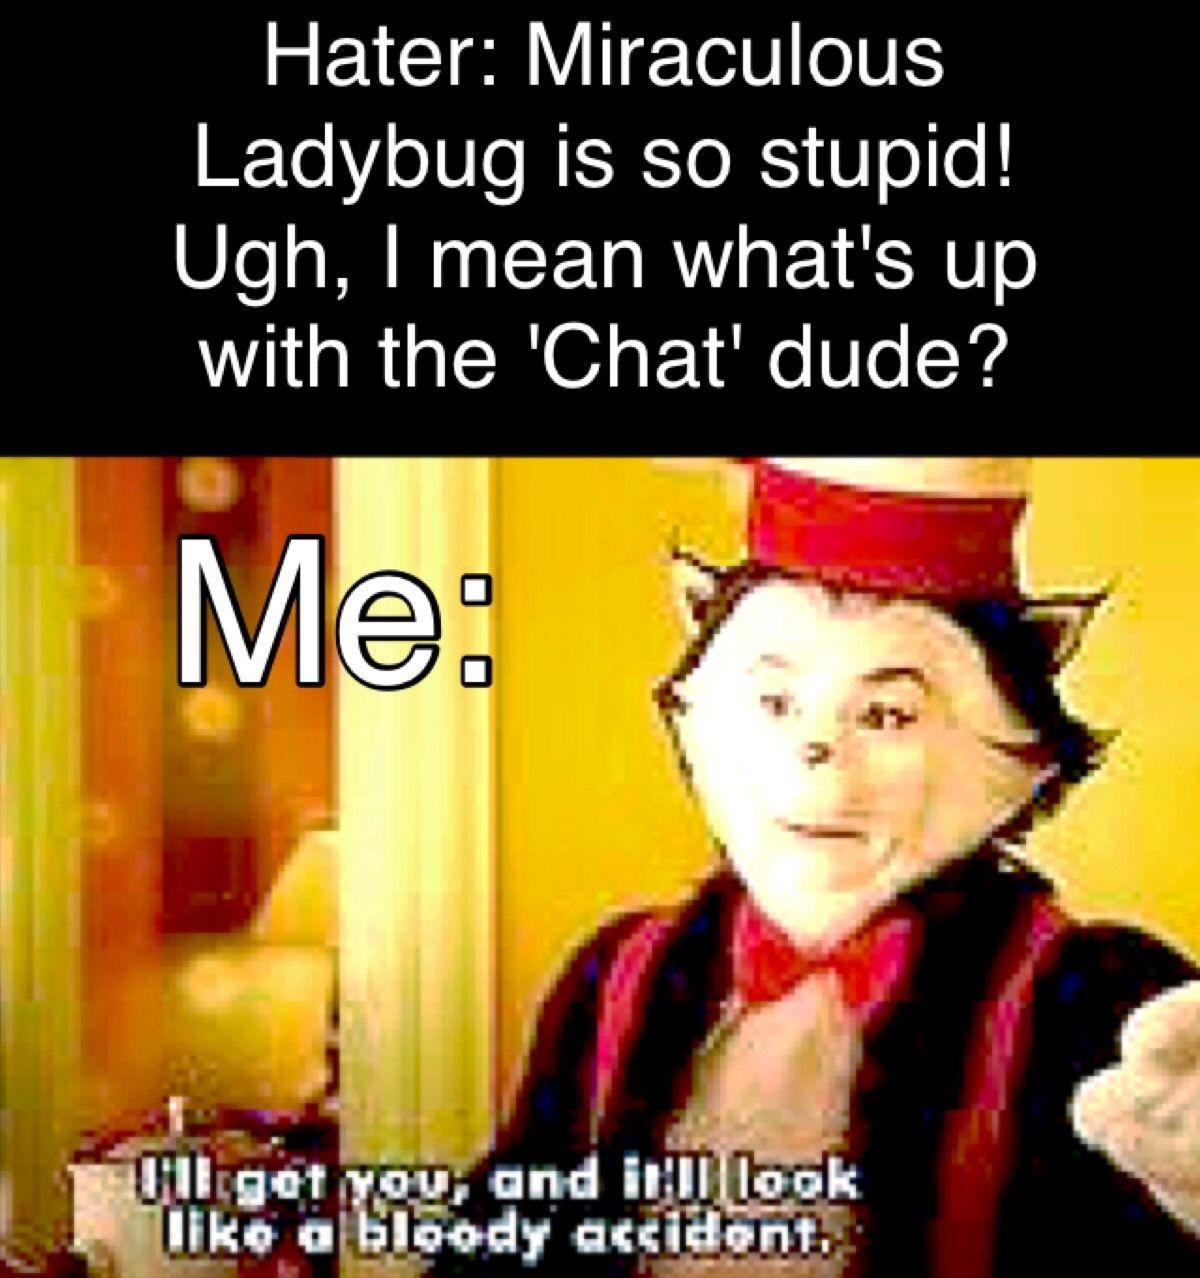 Funny Ladybug Meme : Miraculous ladybug memes pinterest